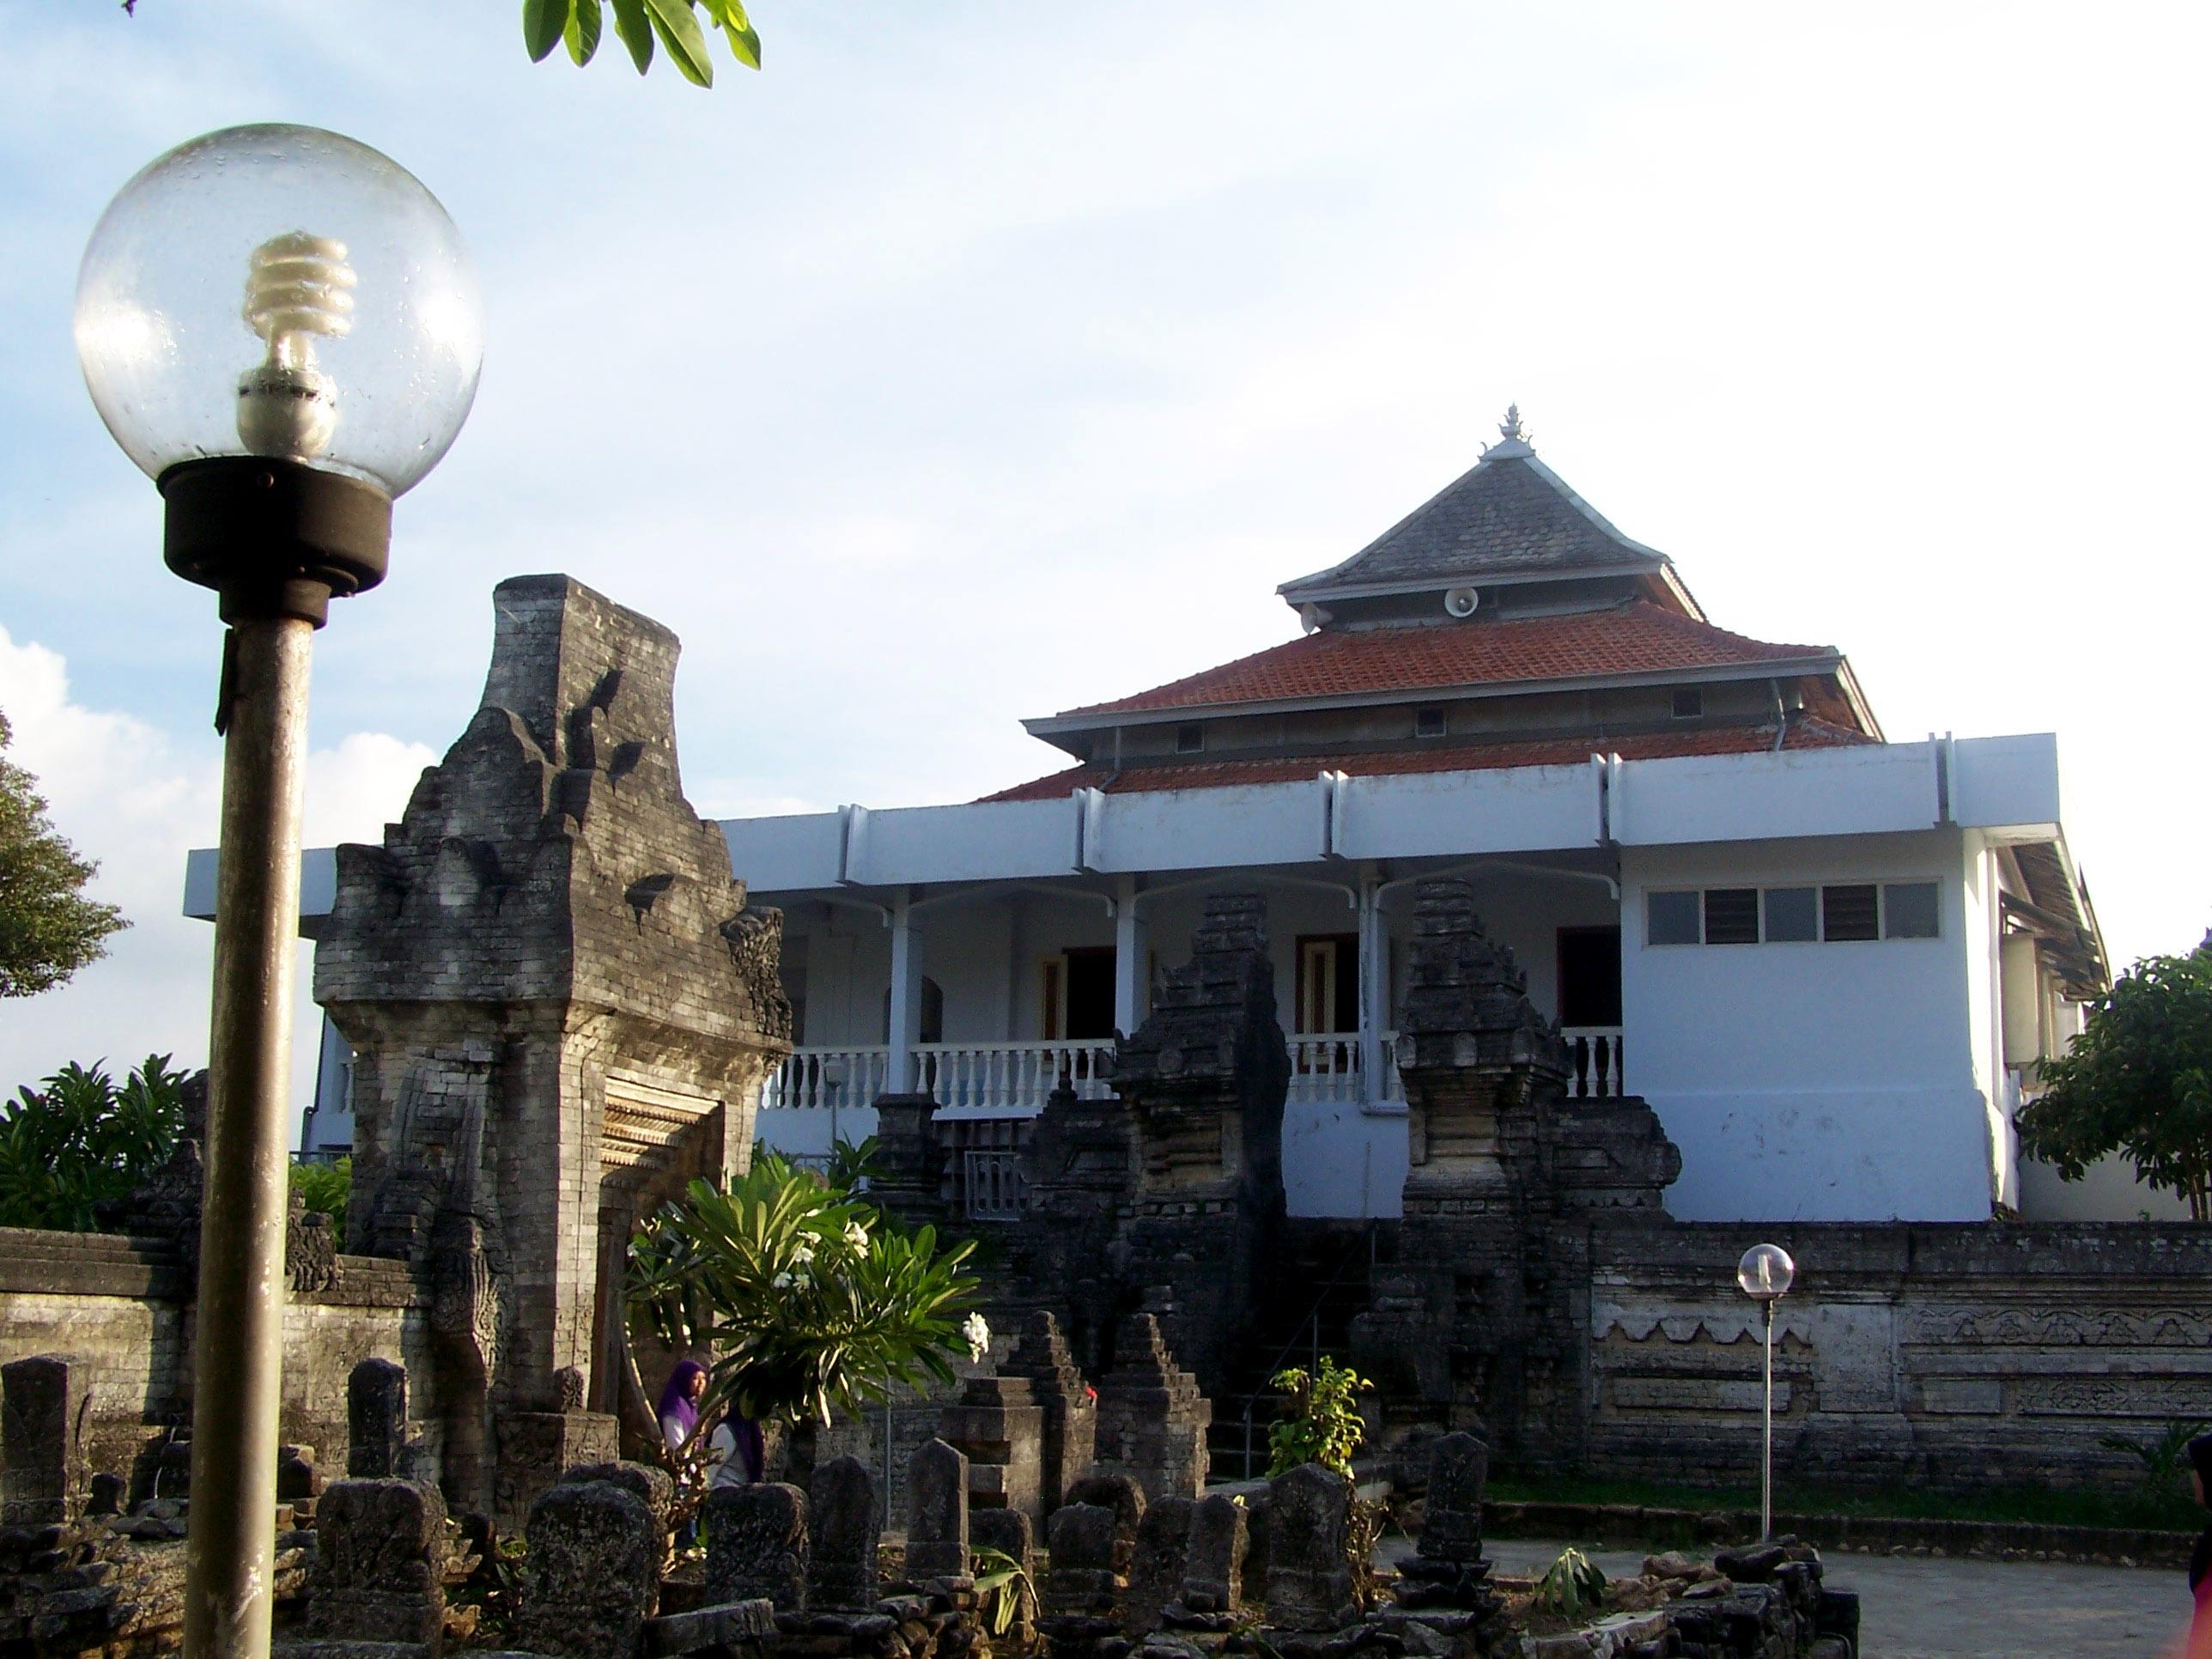 Wisata Religi Makam Sunan Sendang Duwur Info Kabupaten Lamongan Area